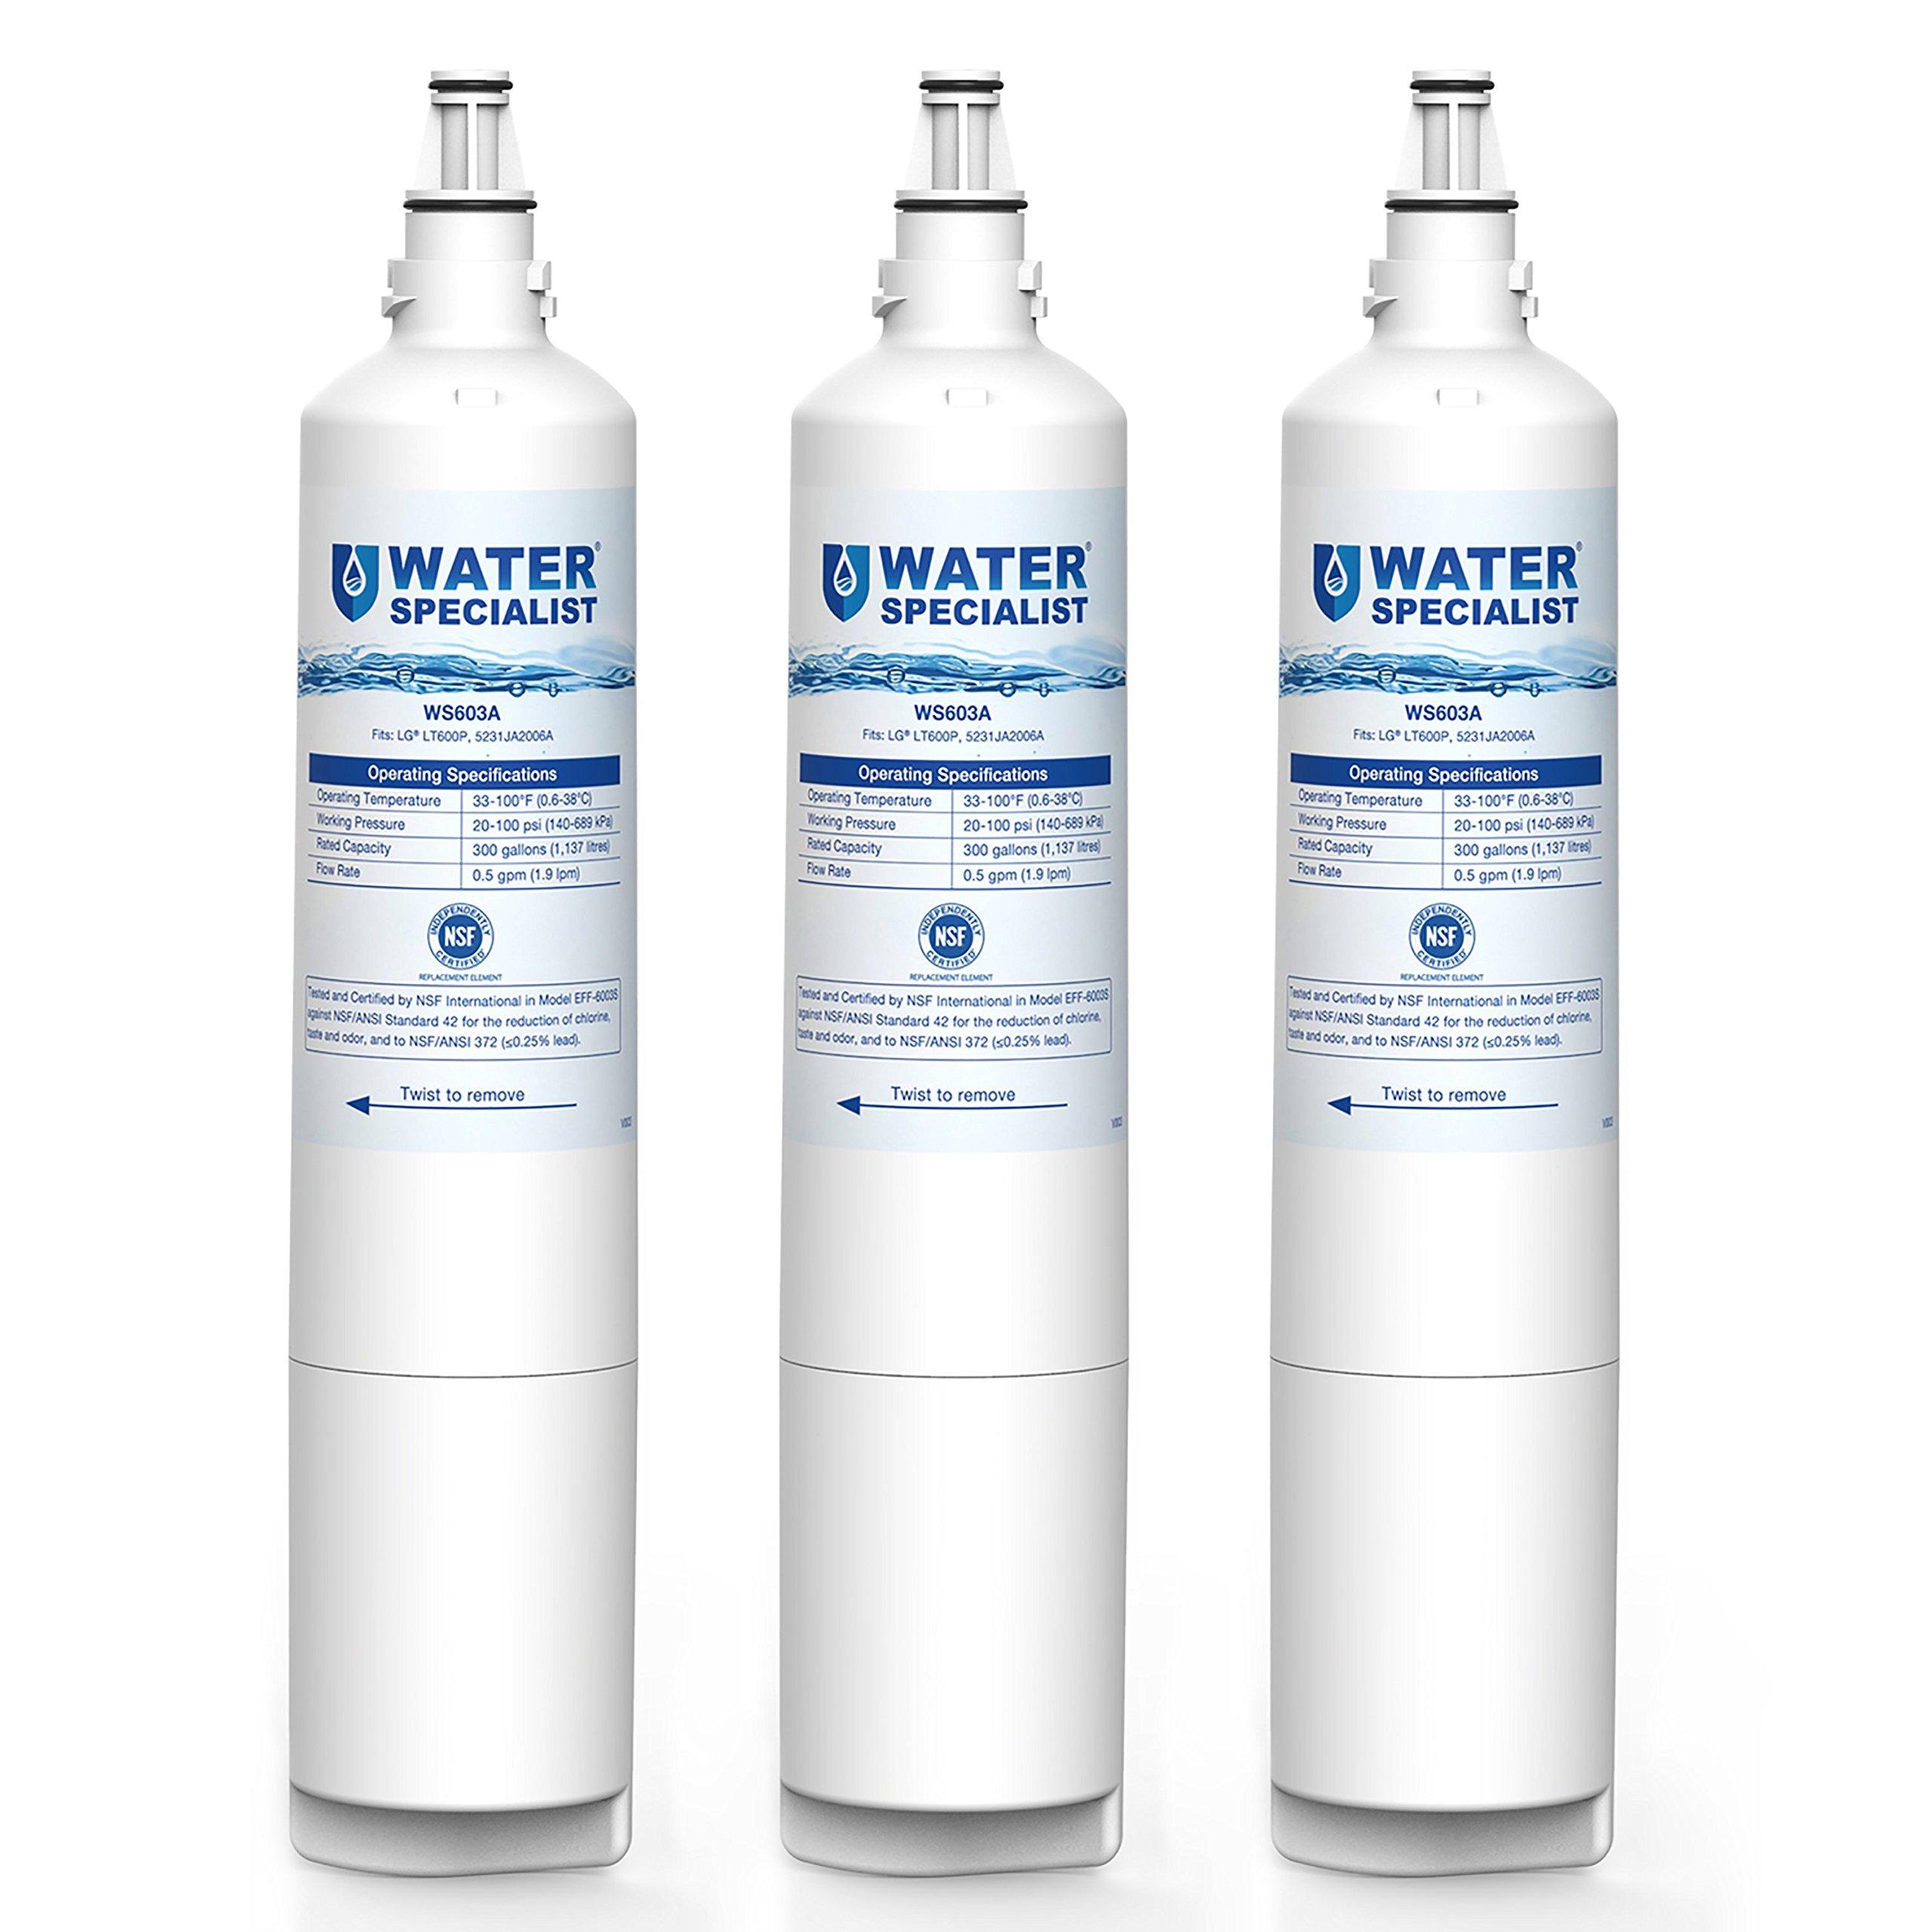 Waterspecialist LT600P Replacement Refrigerator Water Filter, Compatible with LG LT600P, 5231JA2006, 5231JA2006A, 5231JA2006B, Kenmore 469990, 46-9990 5231JA2006F R-9990 5231JA2006E LFX25961AL, 3 Pack